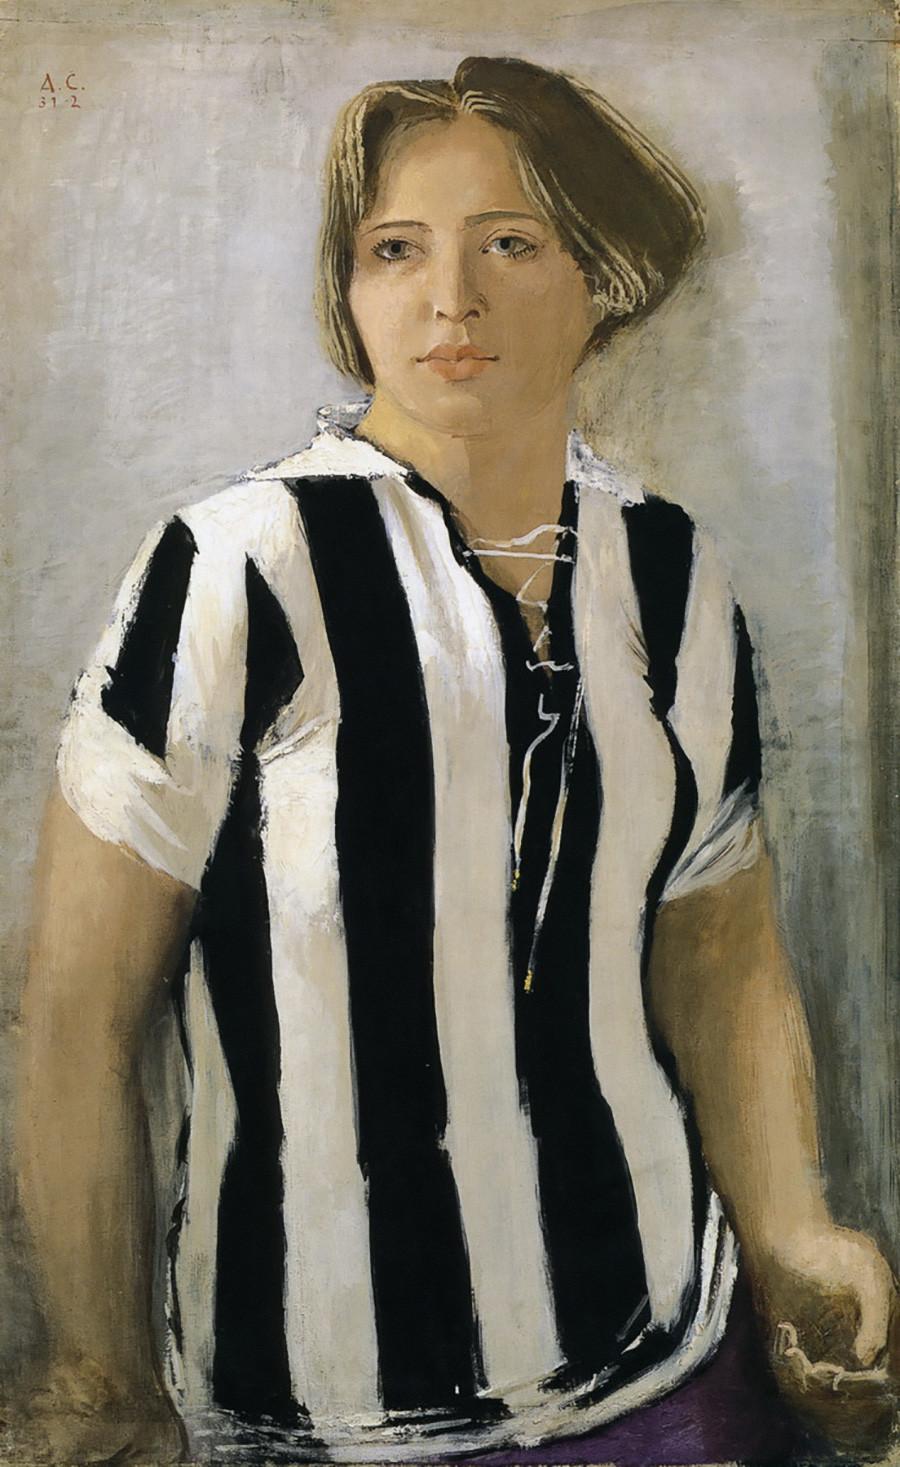 Un fille dans un T shirt par Alexander Samokhvalov, 1932